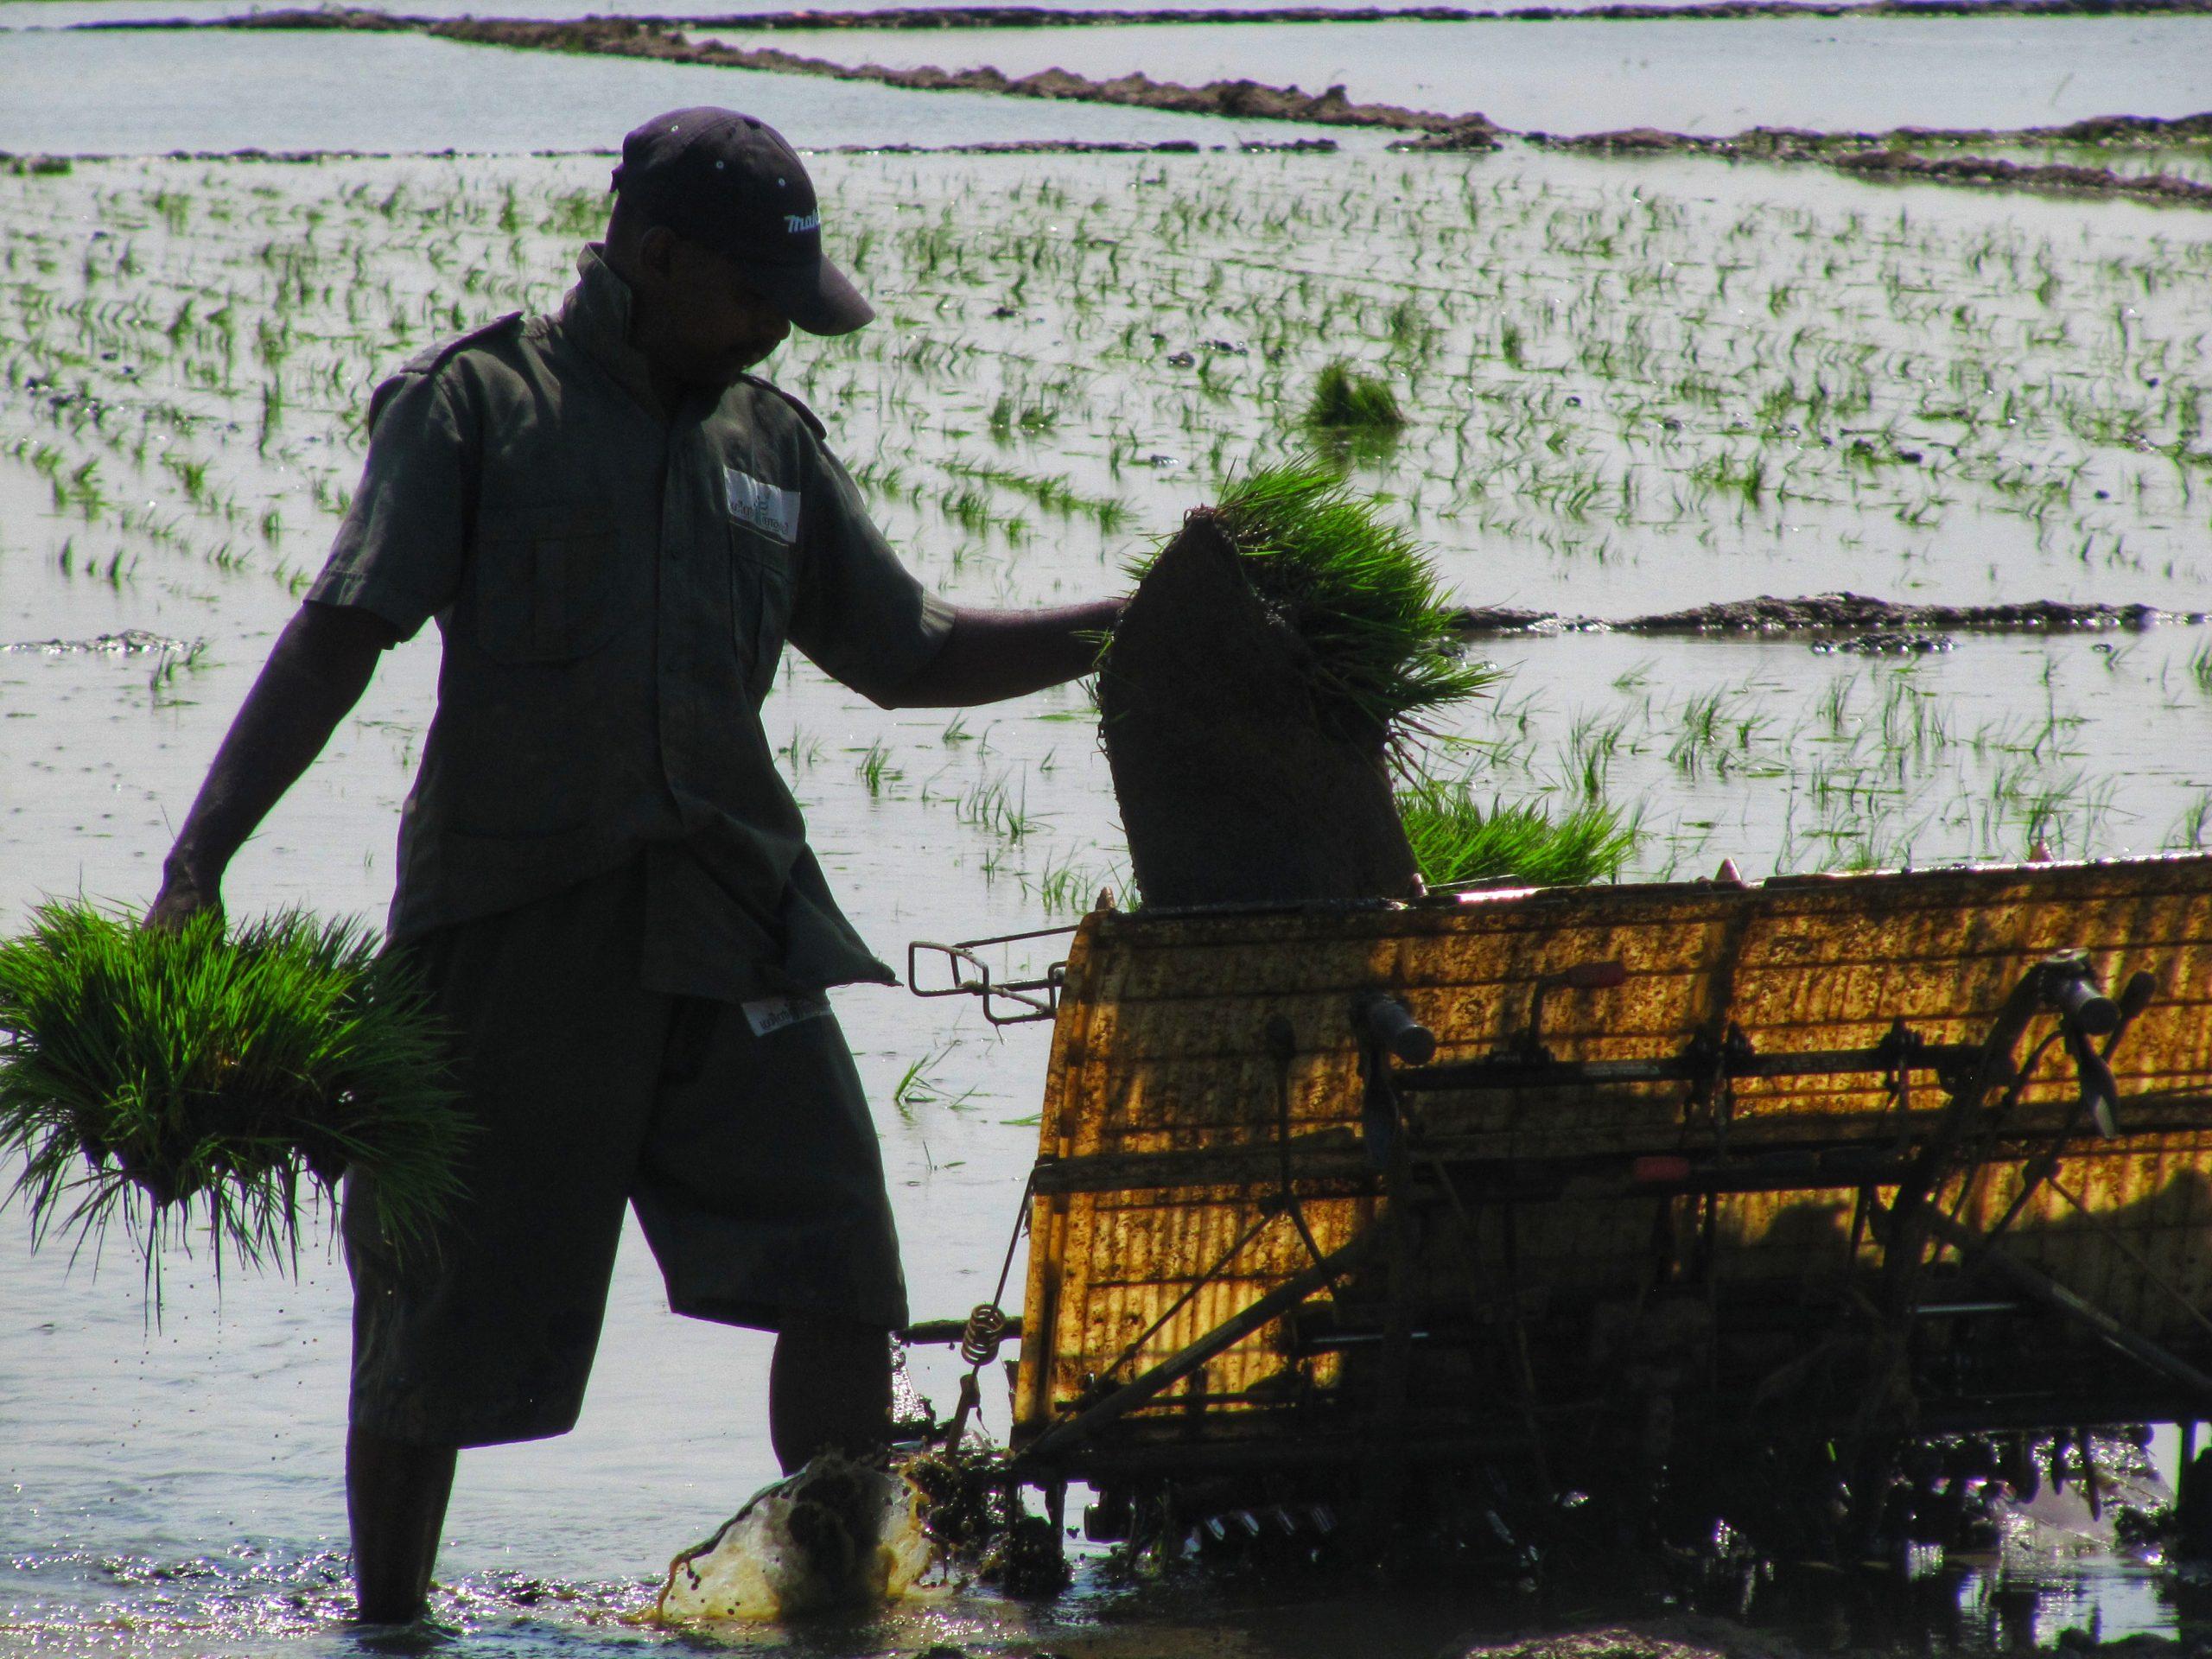 a working farmer